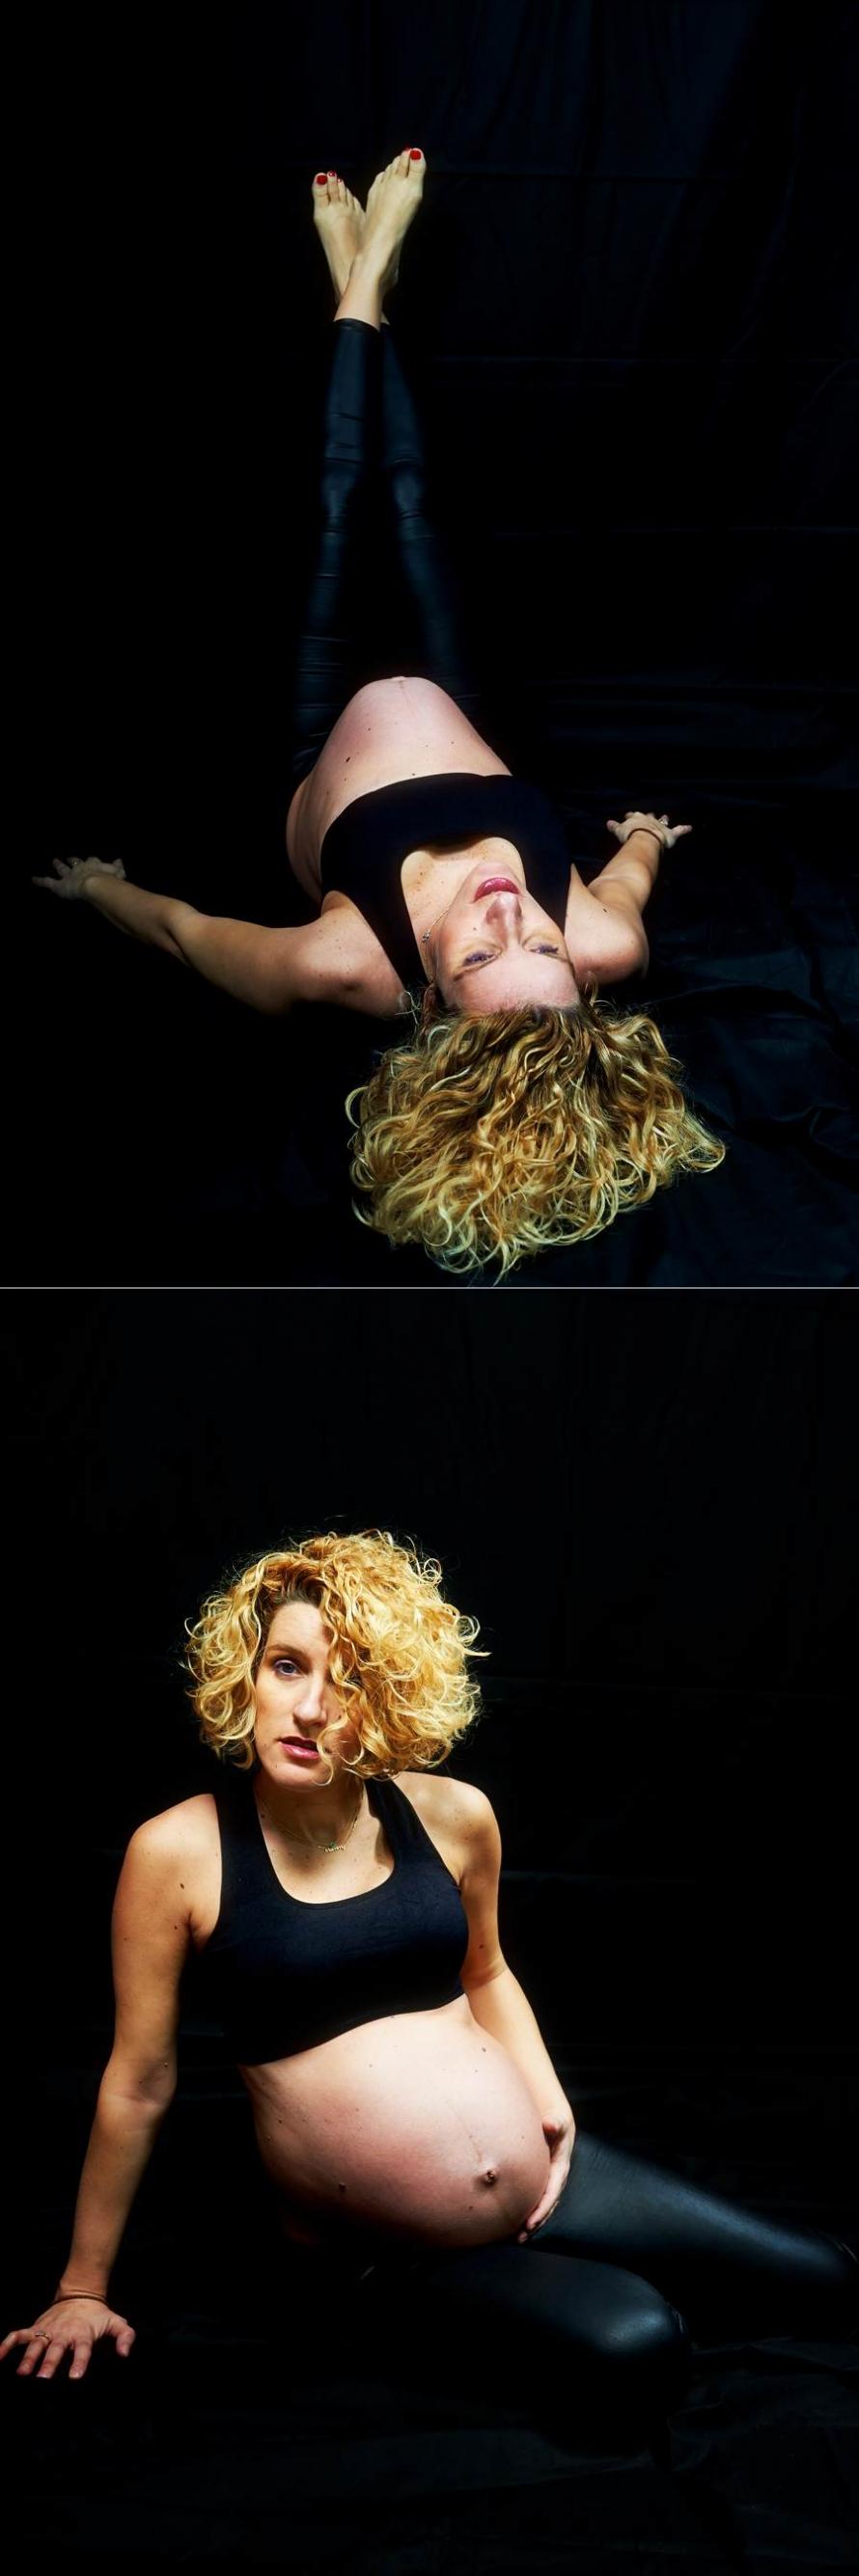 Ilias Maria maternity photos 11